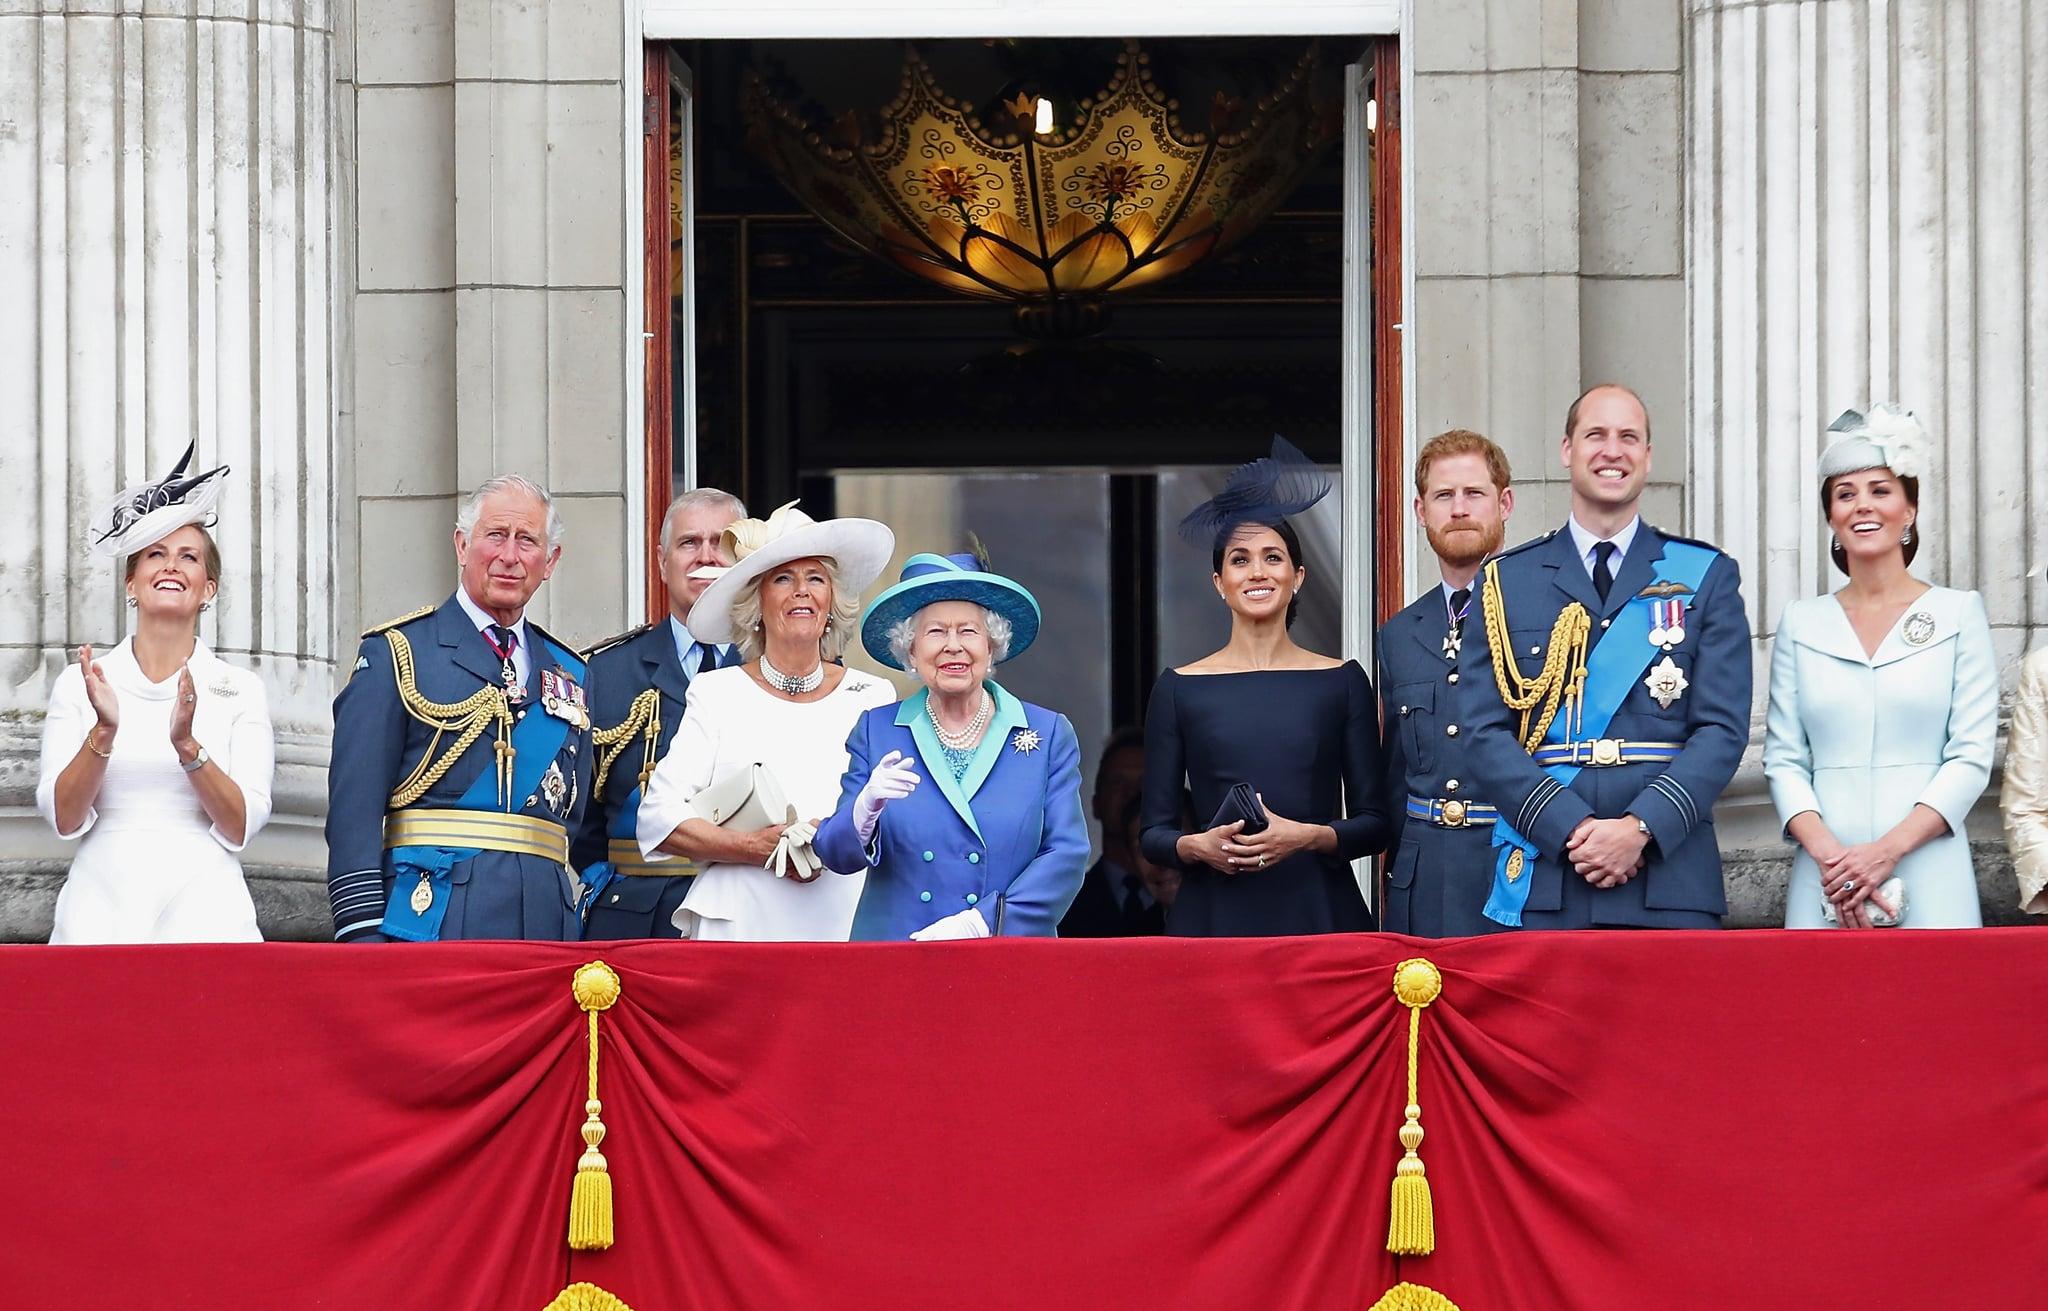 لندن ، انگلستان - 10 ژوئیه: (LR) پرنس چارلز ، پرنس ولز ، پرنس اندرو ، دوک یورک ، کامیلا ، دوشس کورنوال ، ملکه الیزابت دوم ، مگان ، دوشس ساسکس ، پرنس هری ، دوک ساسکس ، پرنس ویلیام ، دوک کمبریج و کاترین ، دوشس کمبریج ، در حالیکه اعضای خانواده سلطنتی در رویدادهایی به مناسبت صدمین سالگرد RAF در 10 ژوئیه 2018 در لندن ، انگلیس شرکت می کنند ، پرواز هواپیمای RAF را در بالکن کاخ باکینگهام مشاهده می کنند.  (عکس از کریس جکسون / گتی ایماژ)